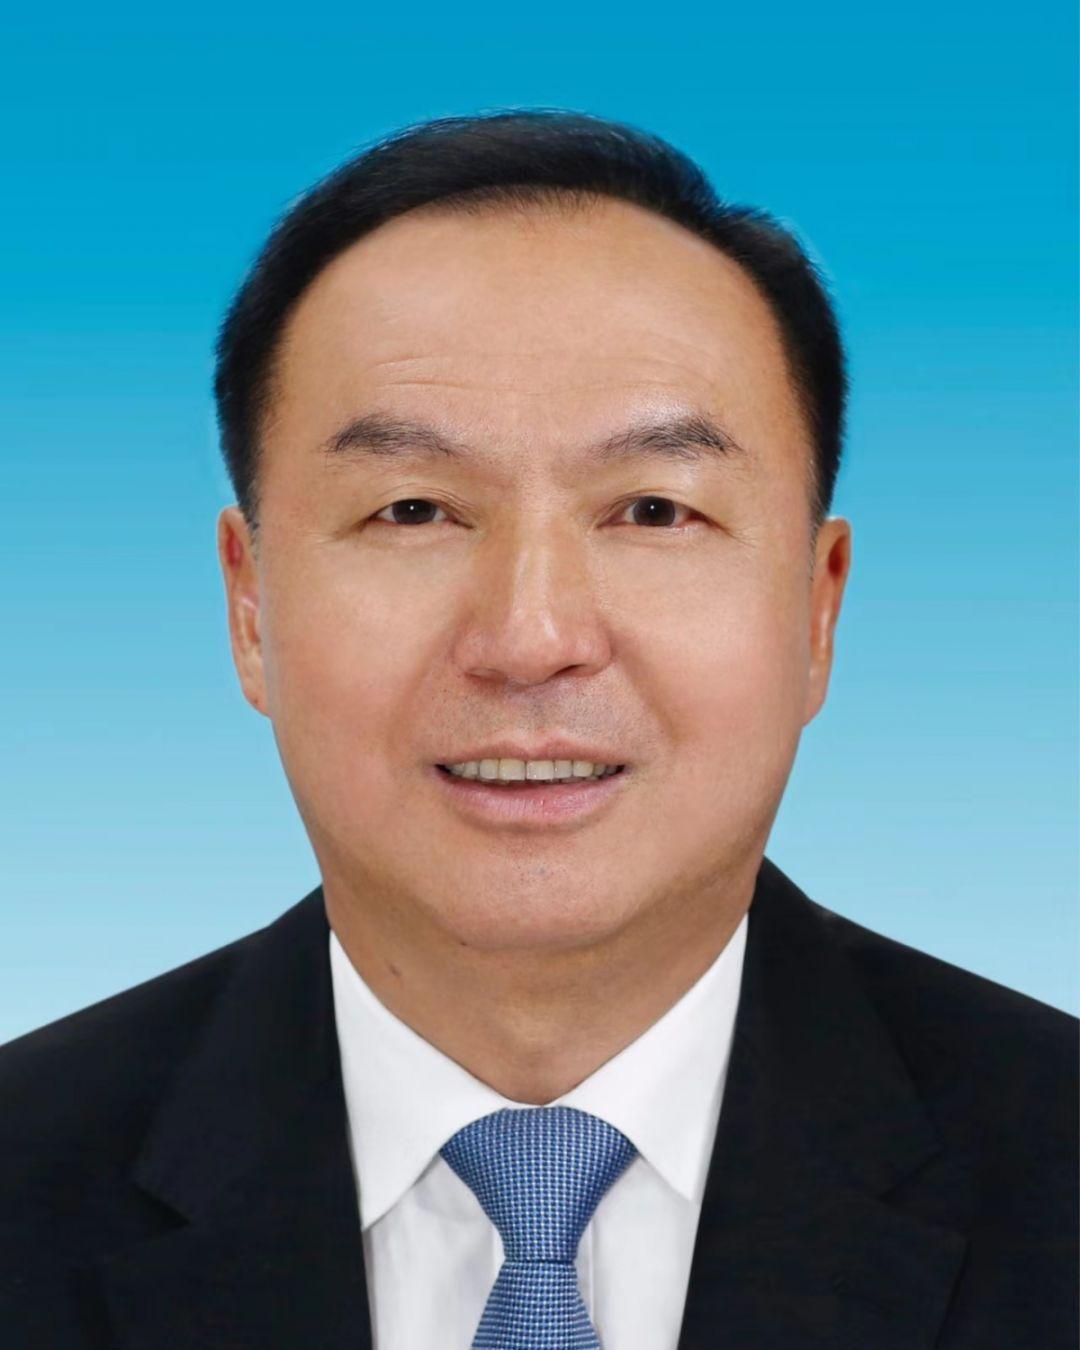 许维泽林钟乐当选为十二届省政协副主席图片